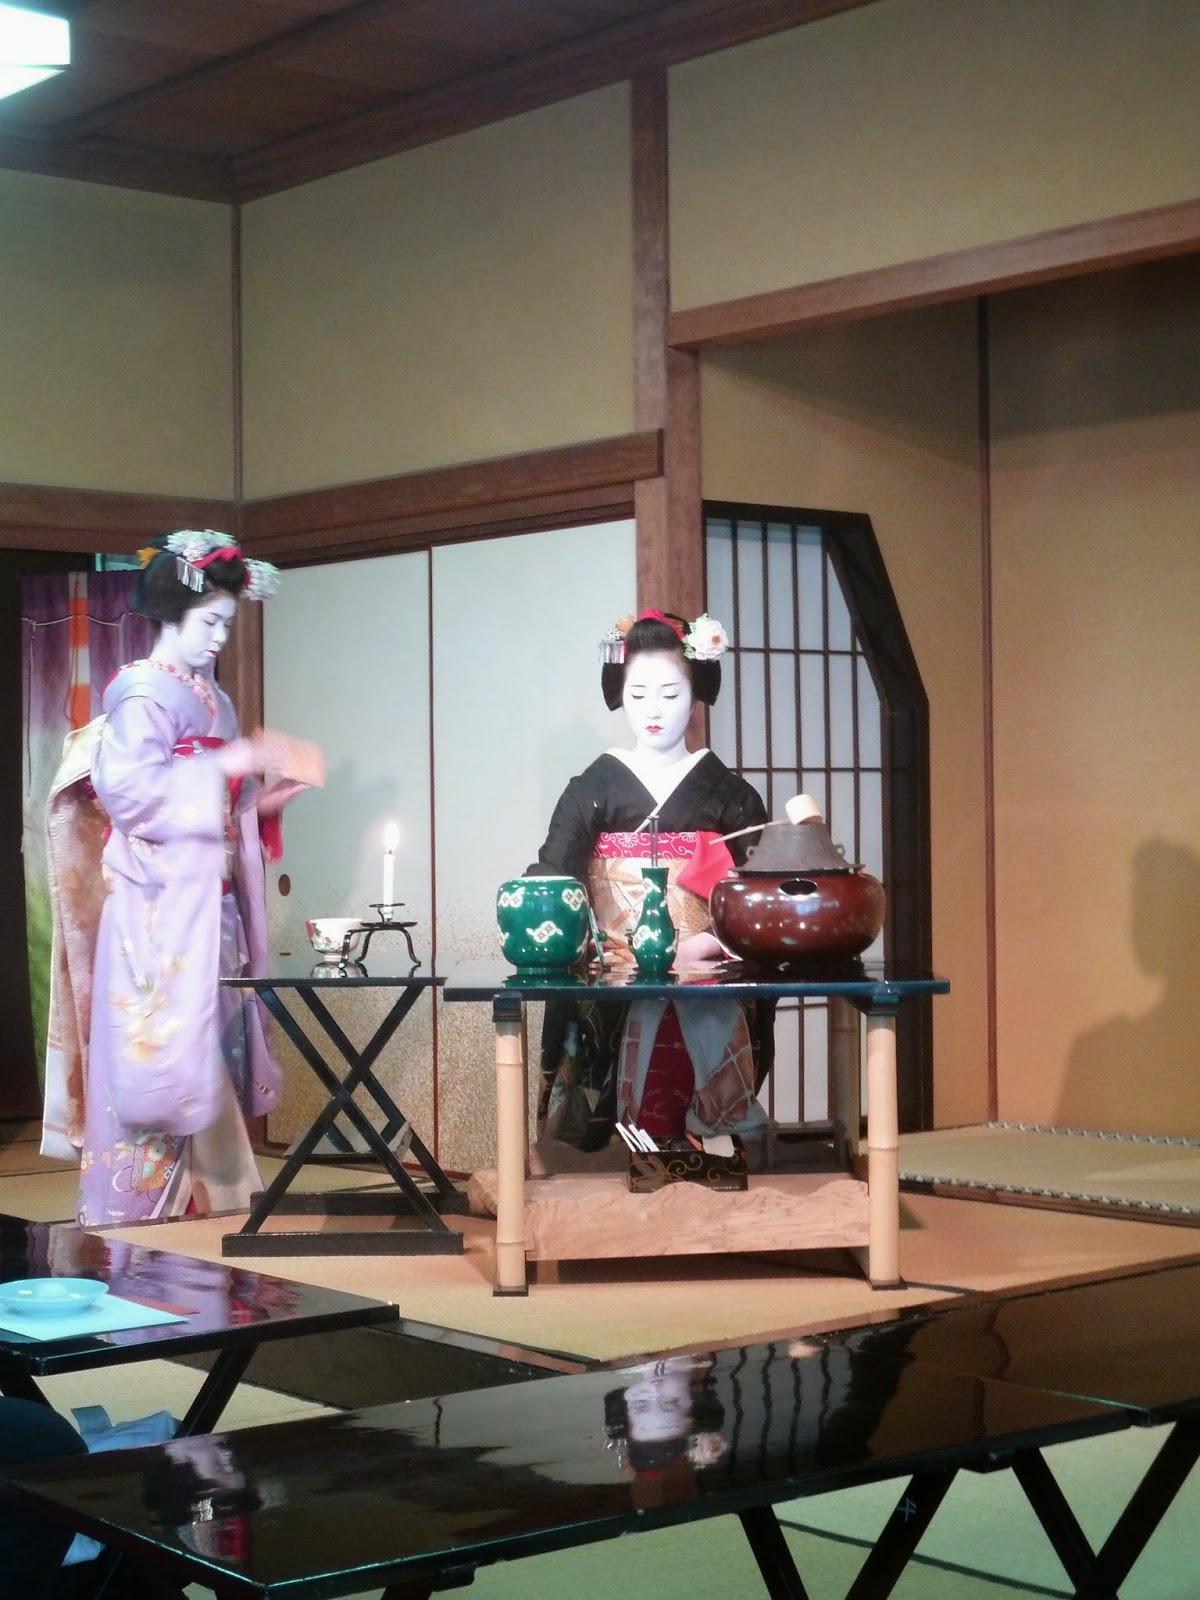 journal d 39 un pigeon voyageur kyoto ou la quintessence de l 39 art de vivre japonais. Black Bedroom Furniture Sets. Home Design Ideas